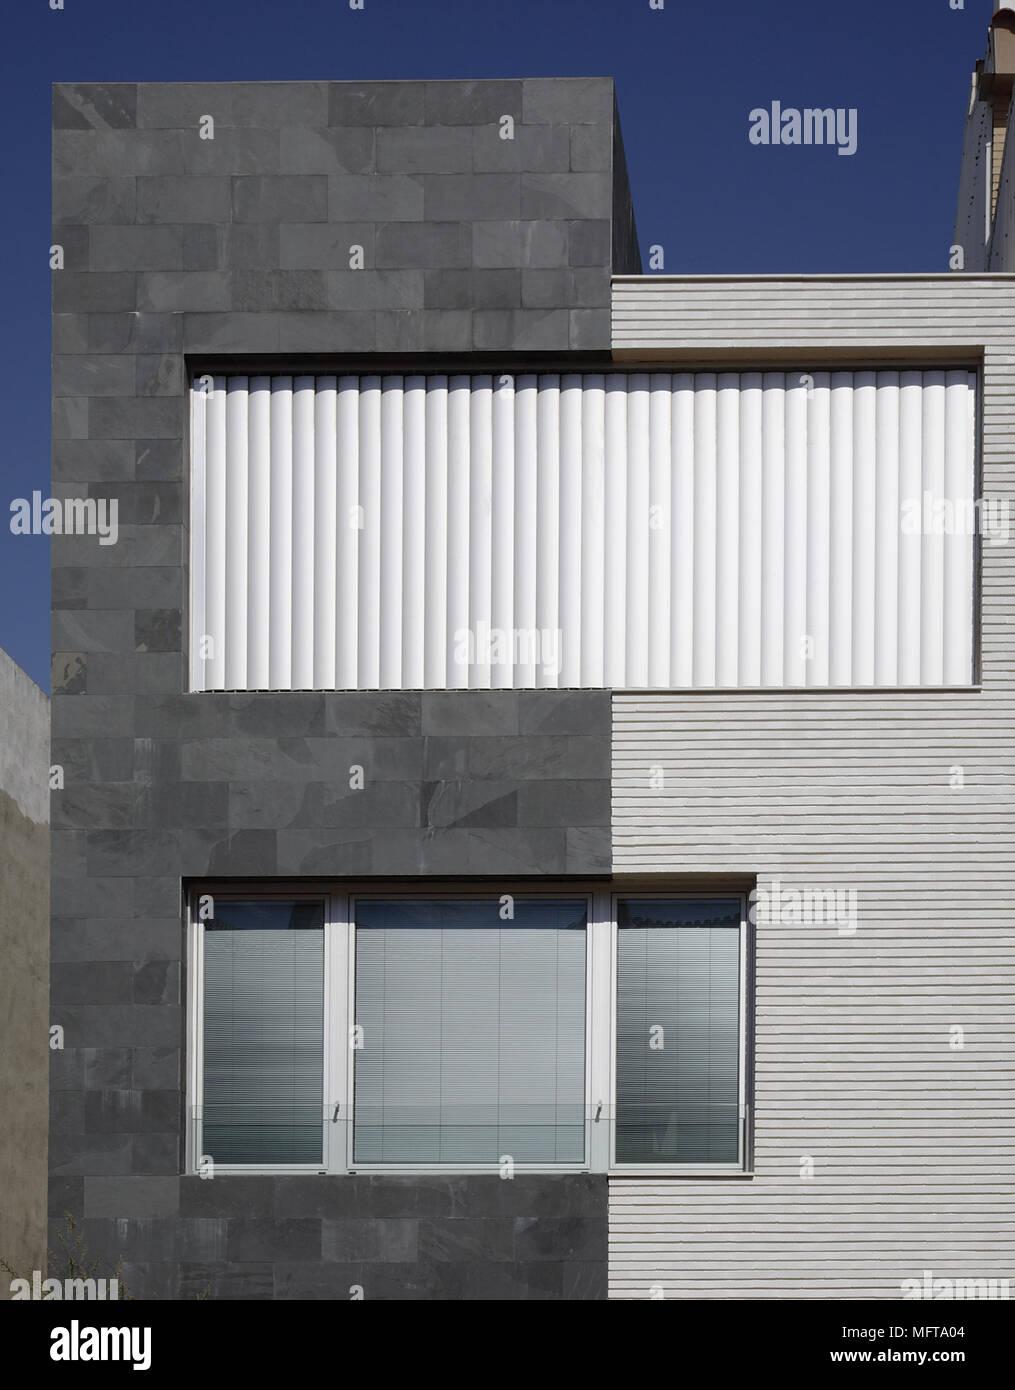 Extérieur De Maison Moderne Avec Volets Métalliques Sur Les Fenêtres  Benicarlo Espagne